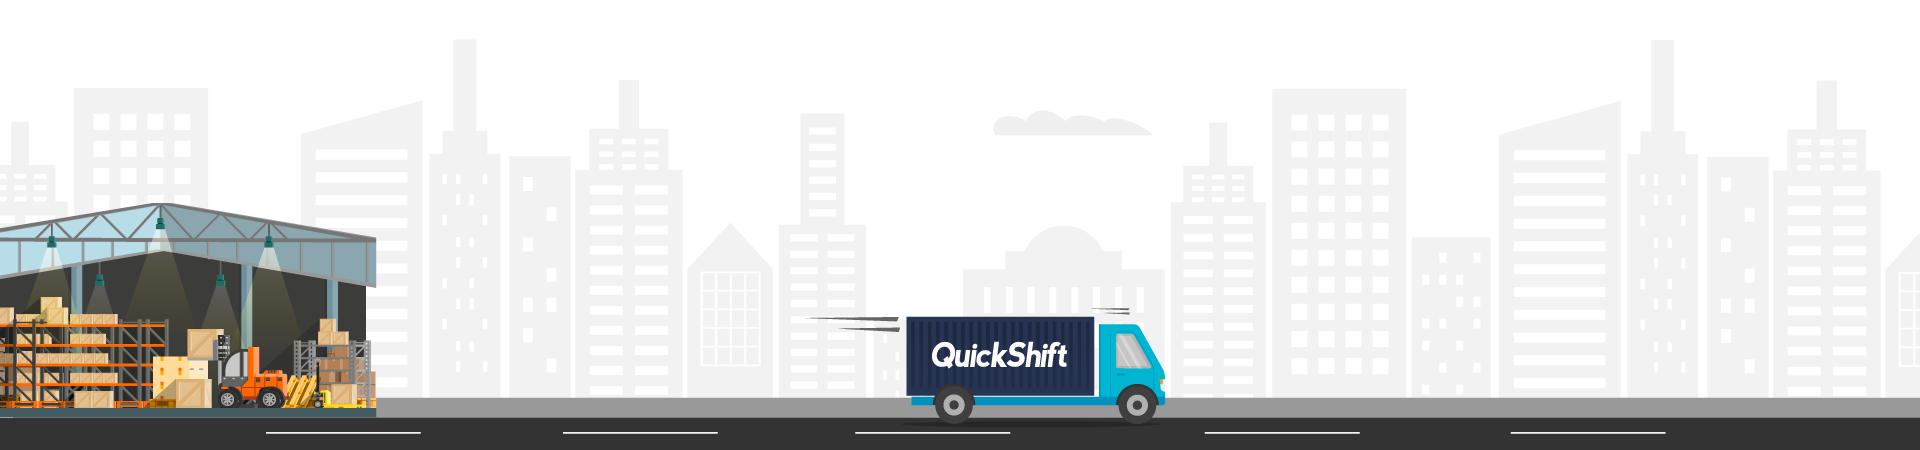 fleet banner QuickShift